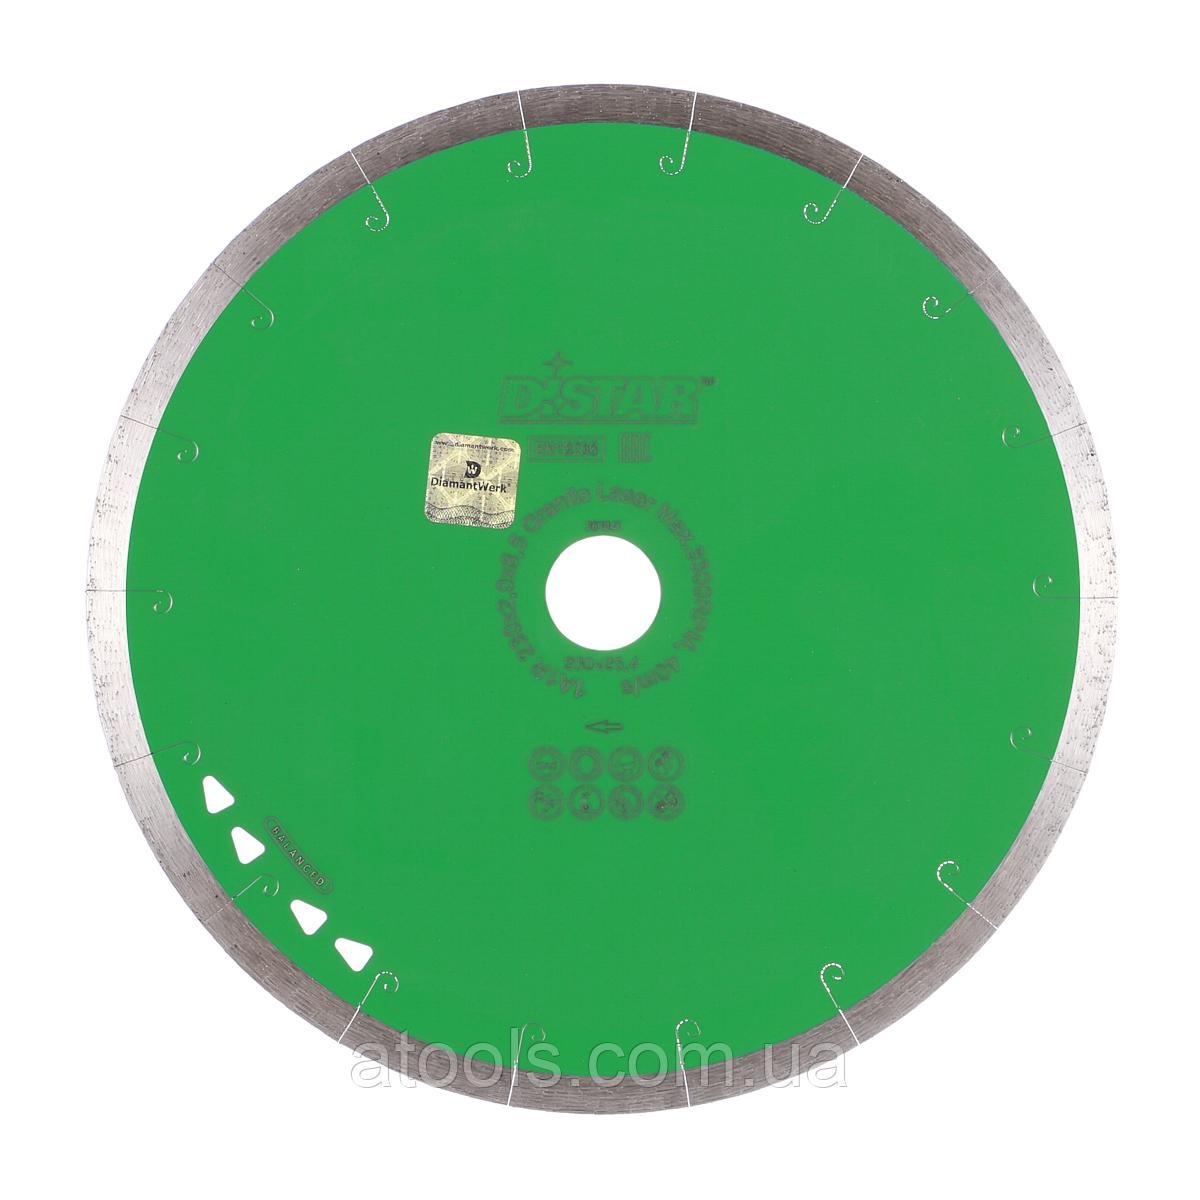 Алмазный отрезной диск Distar Granite Laser 1A1R 400x2.2/1.8x10x32 (11127158026)